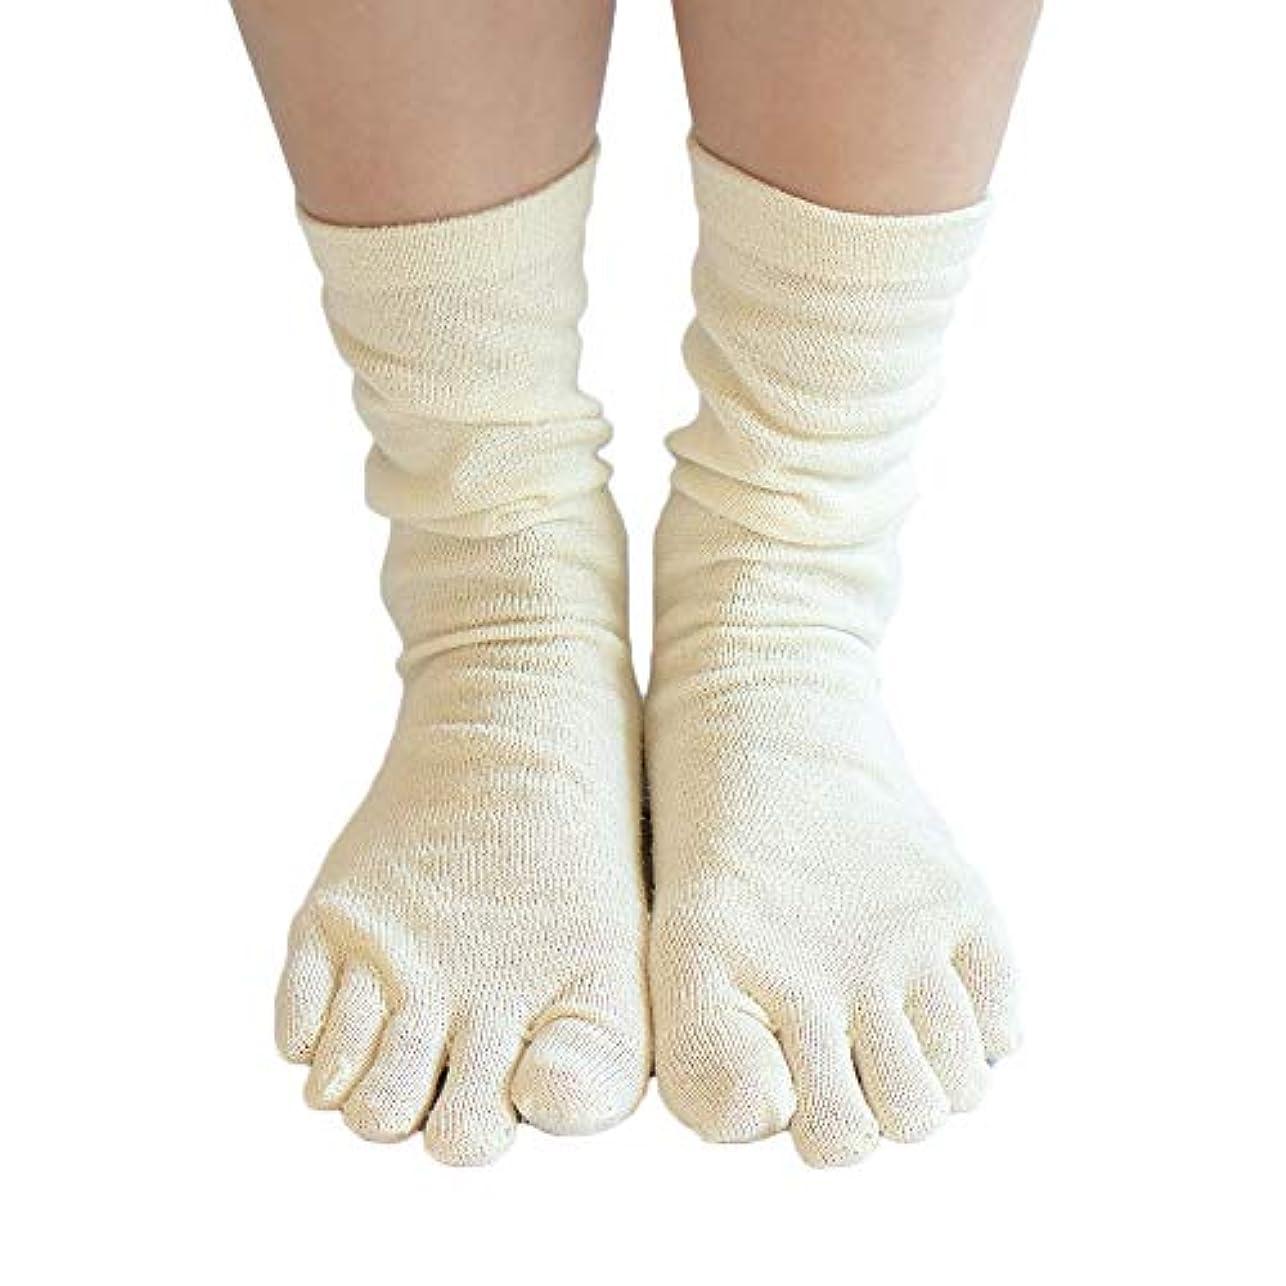 石化する著作権鋭くシルク 100% 五本指 ソックス 3足セット かかとあり 上質な絹紡糸と紬糸ブレンドした絹糸を100%使用した薄手靴下 重ね履きのインナーソックスや冷えとりに